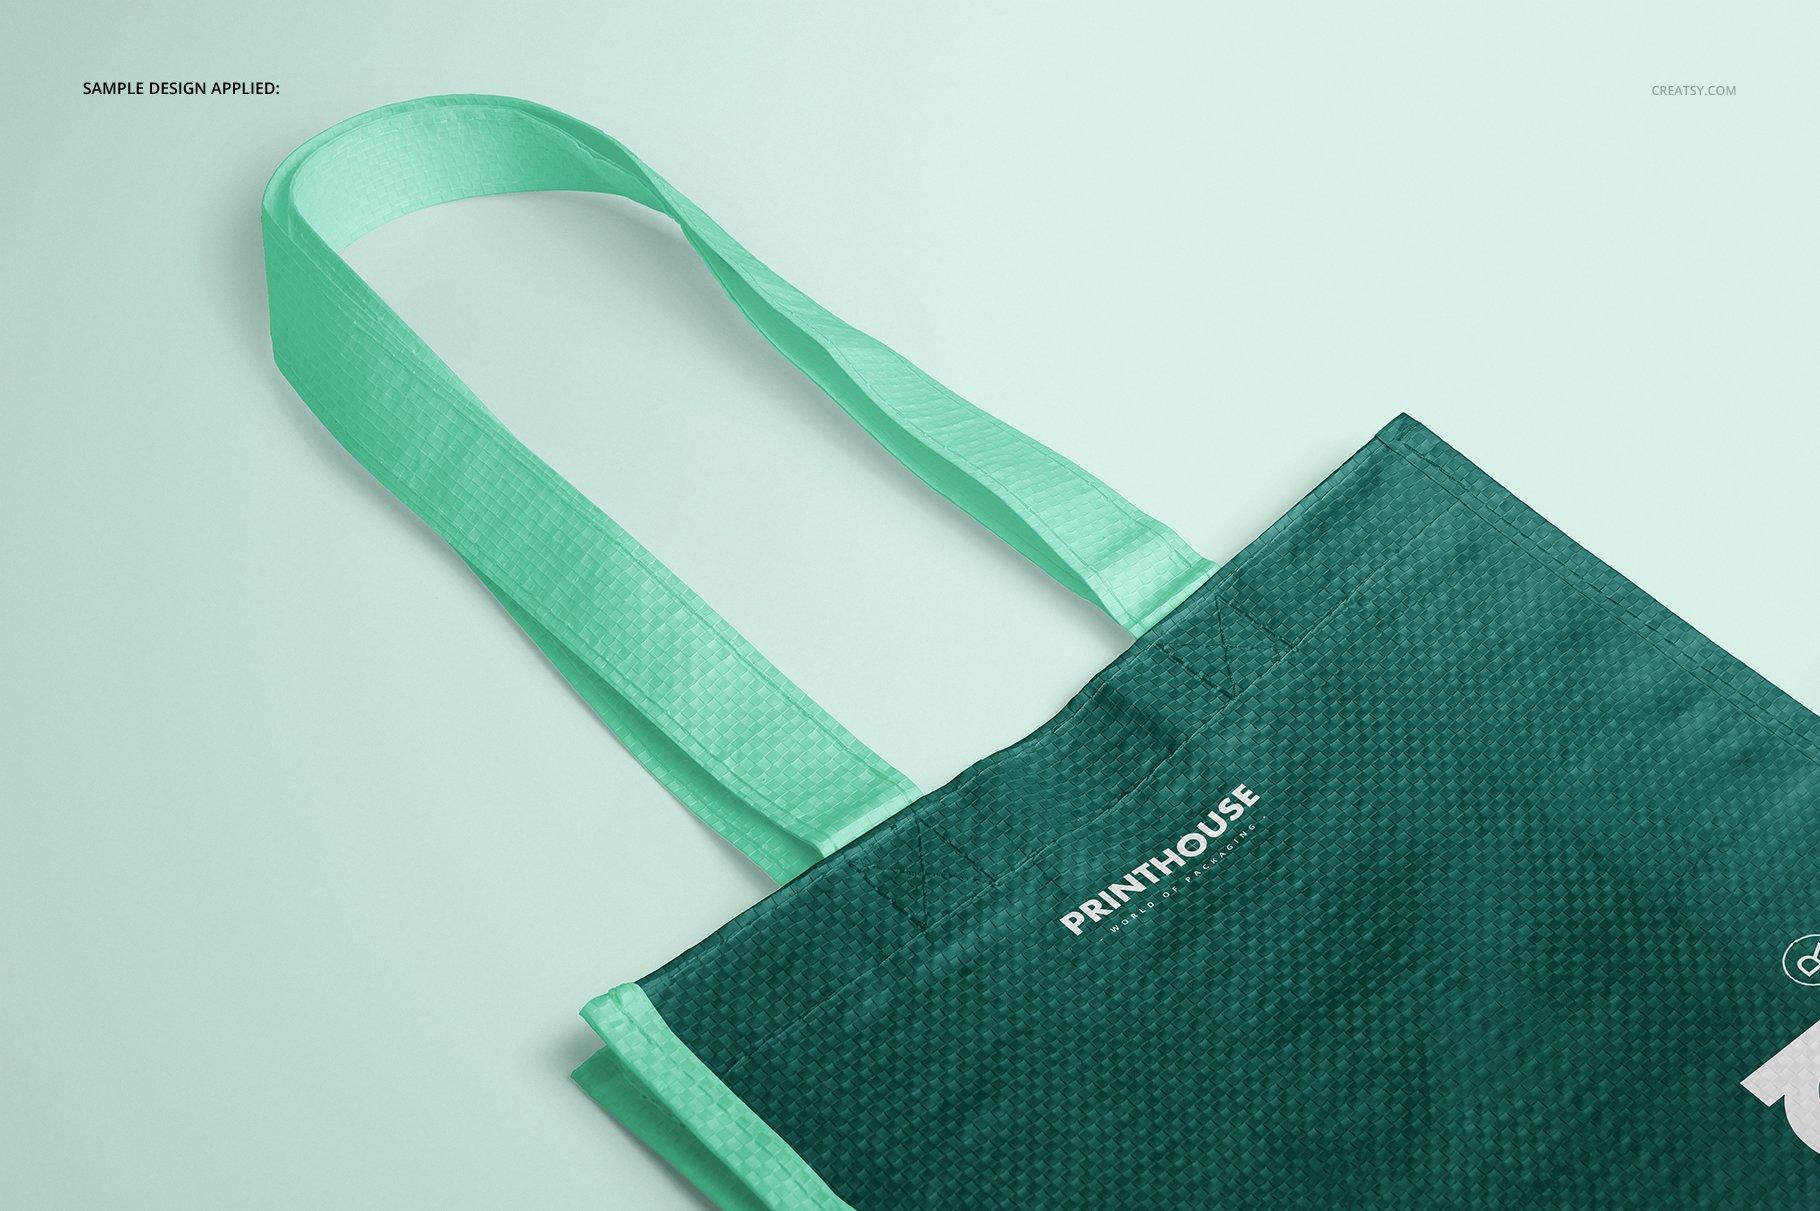 时尚编织手提购物袋设计展示贴图样机模板合集 Woven Tote Bag Mockup Set插图(7)